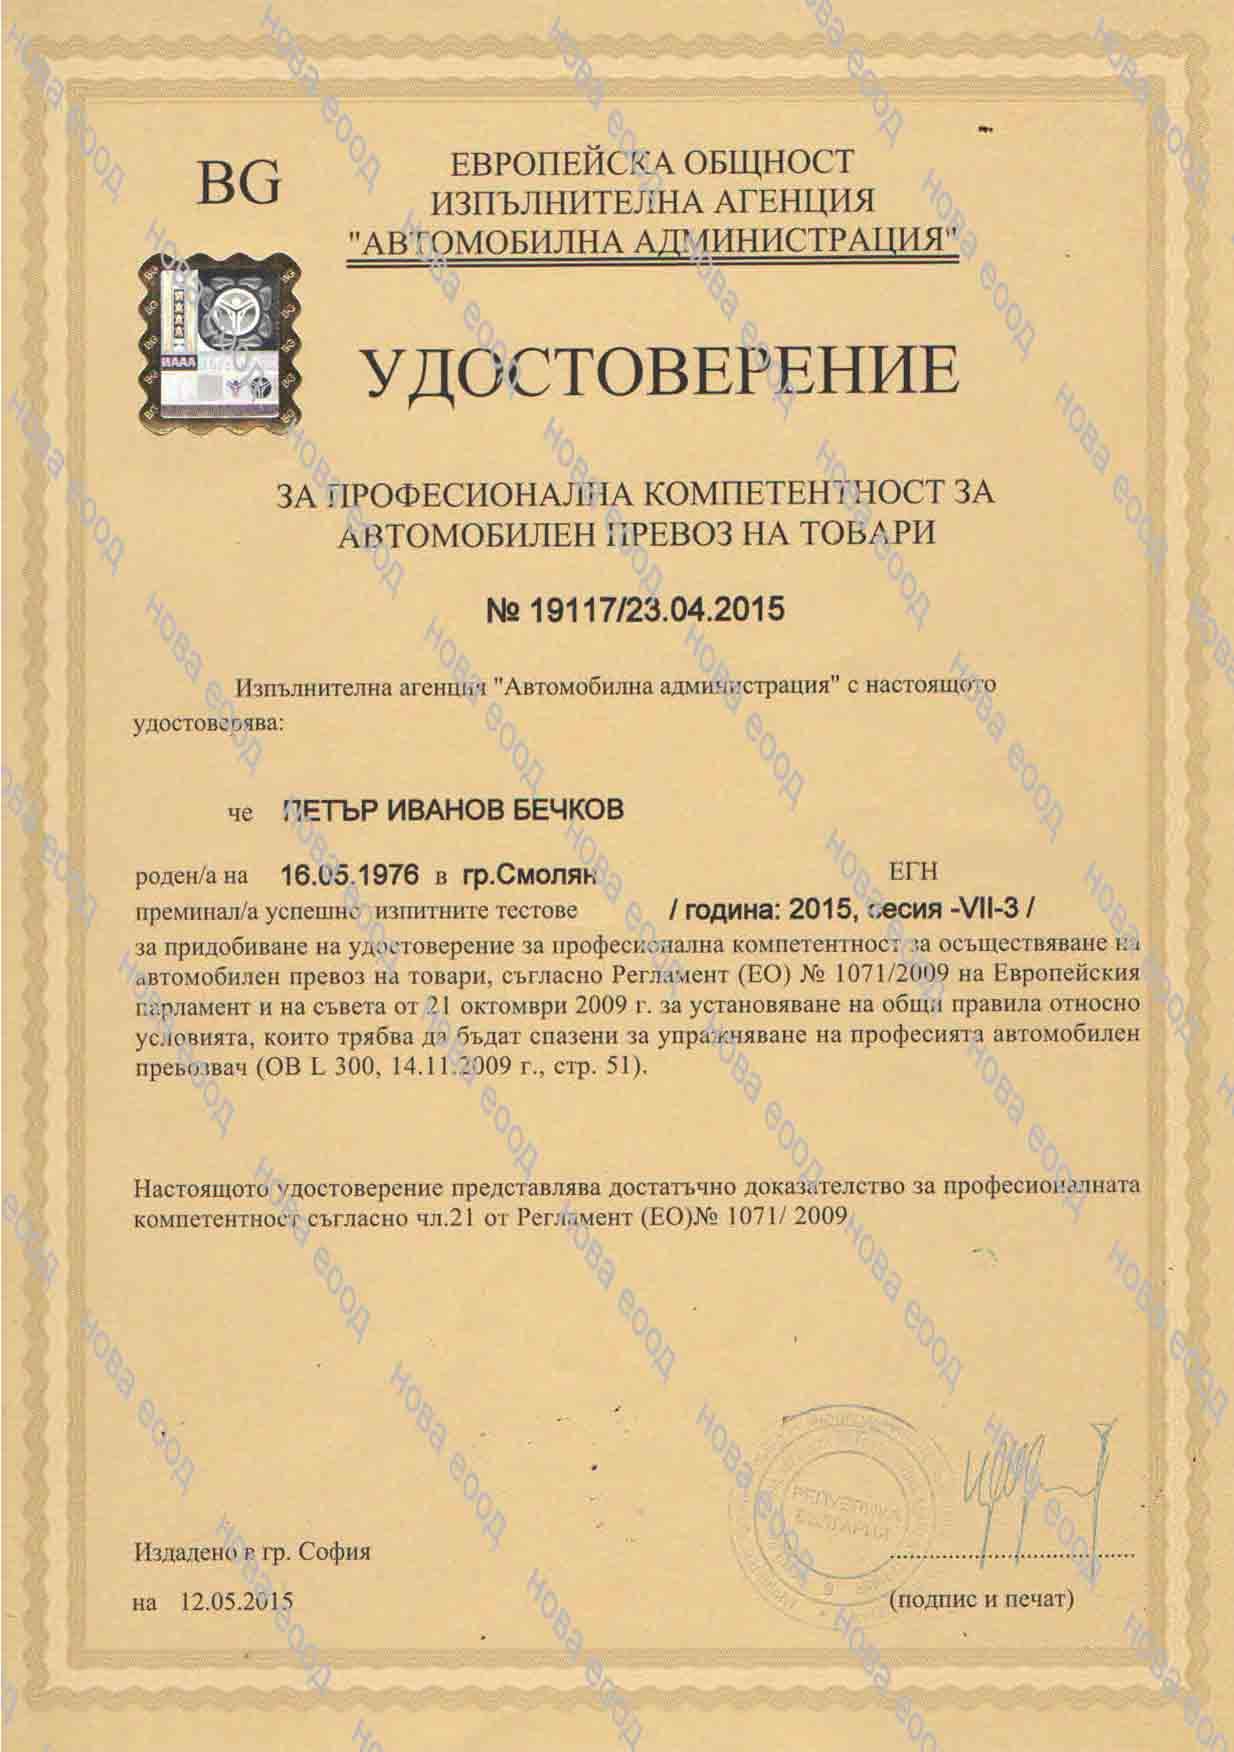 Сертификат Бечков Нова ЕООД